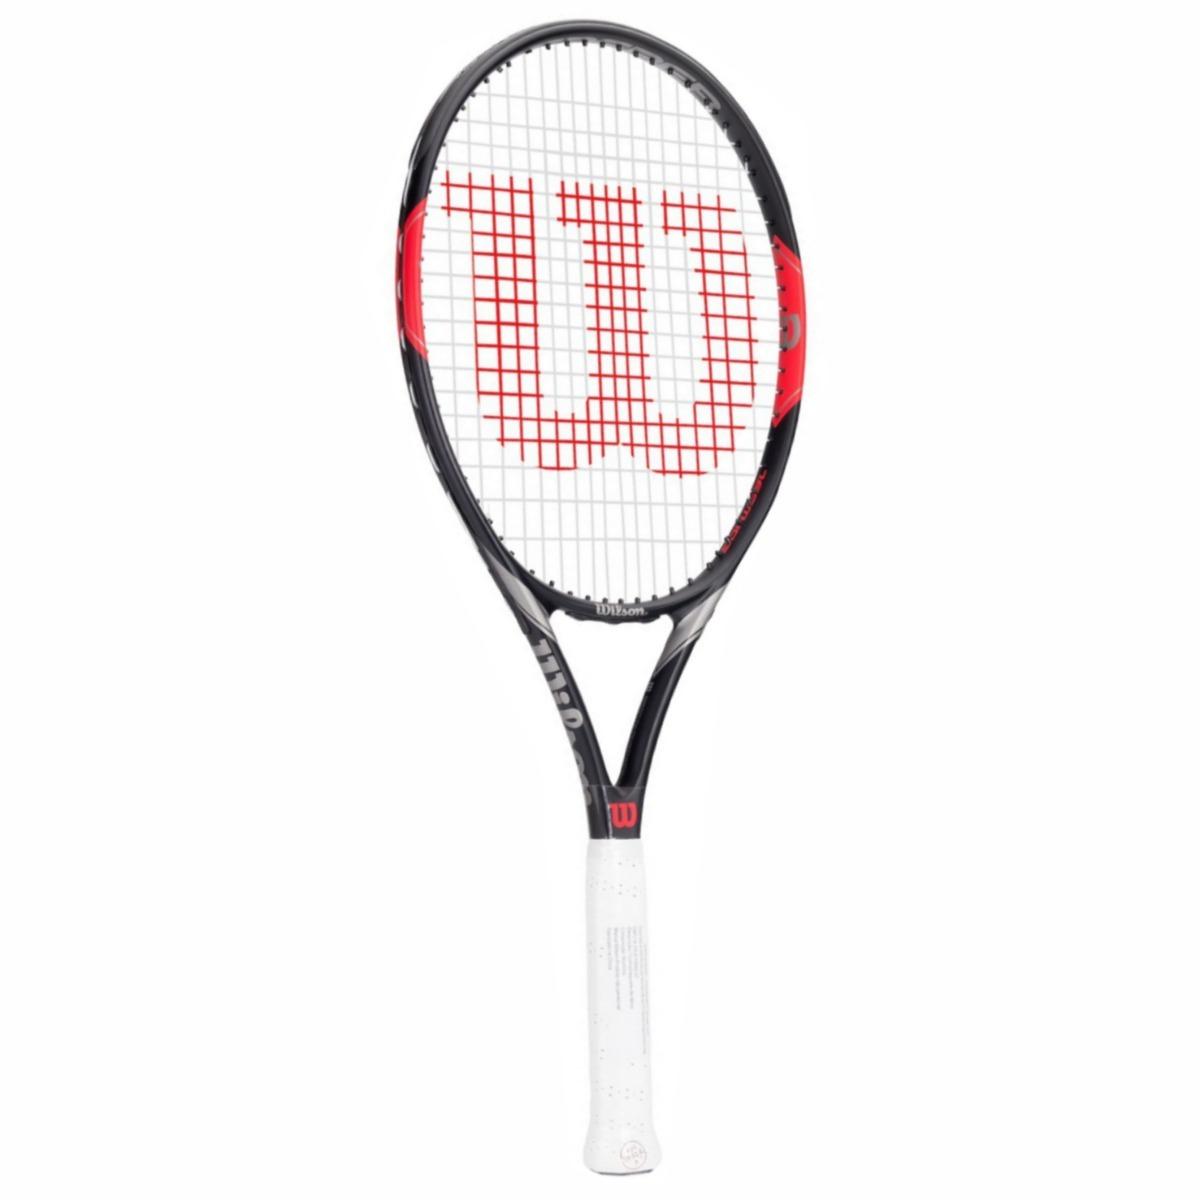 e44900d4c raquete de tênis wilson federer team 105 - nova. Carregando zoom.